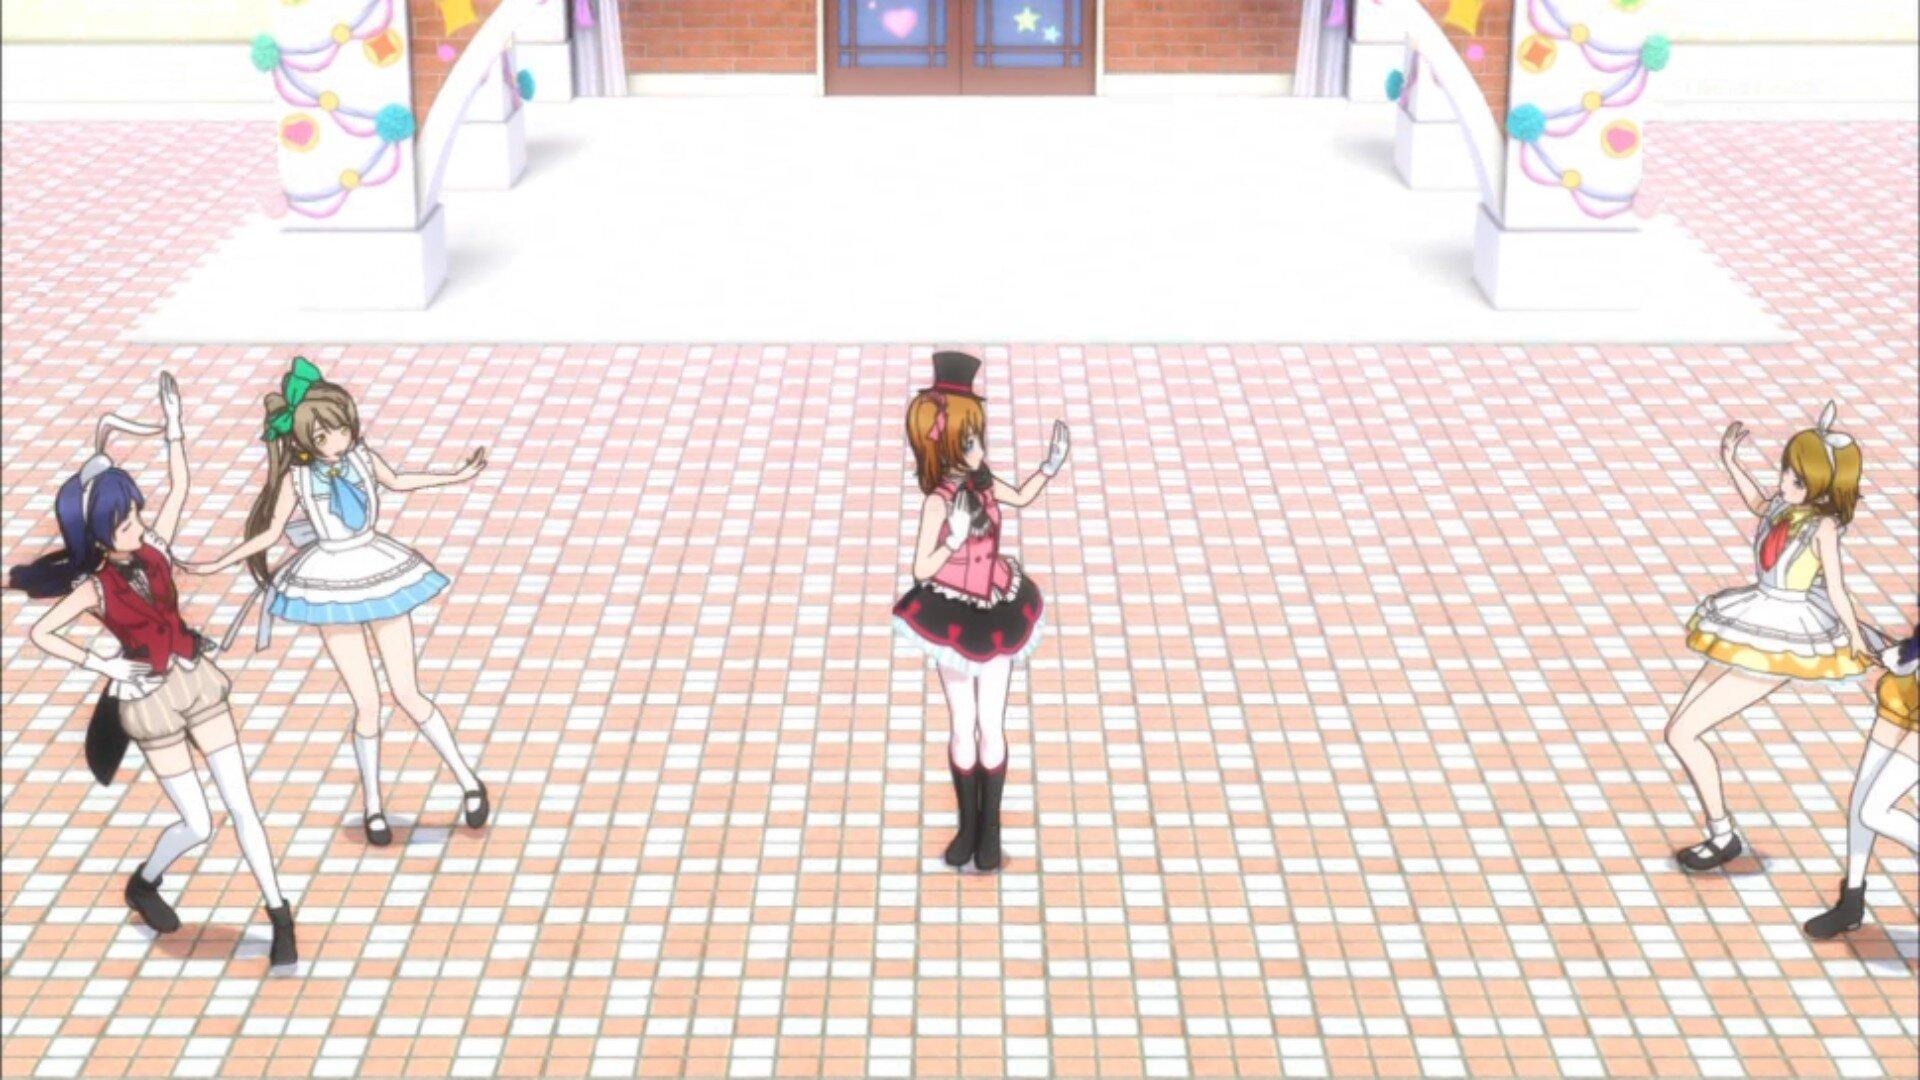 アイカツパート #lovelive_Anime #lovelive http://t.co/2JwYJ7qz